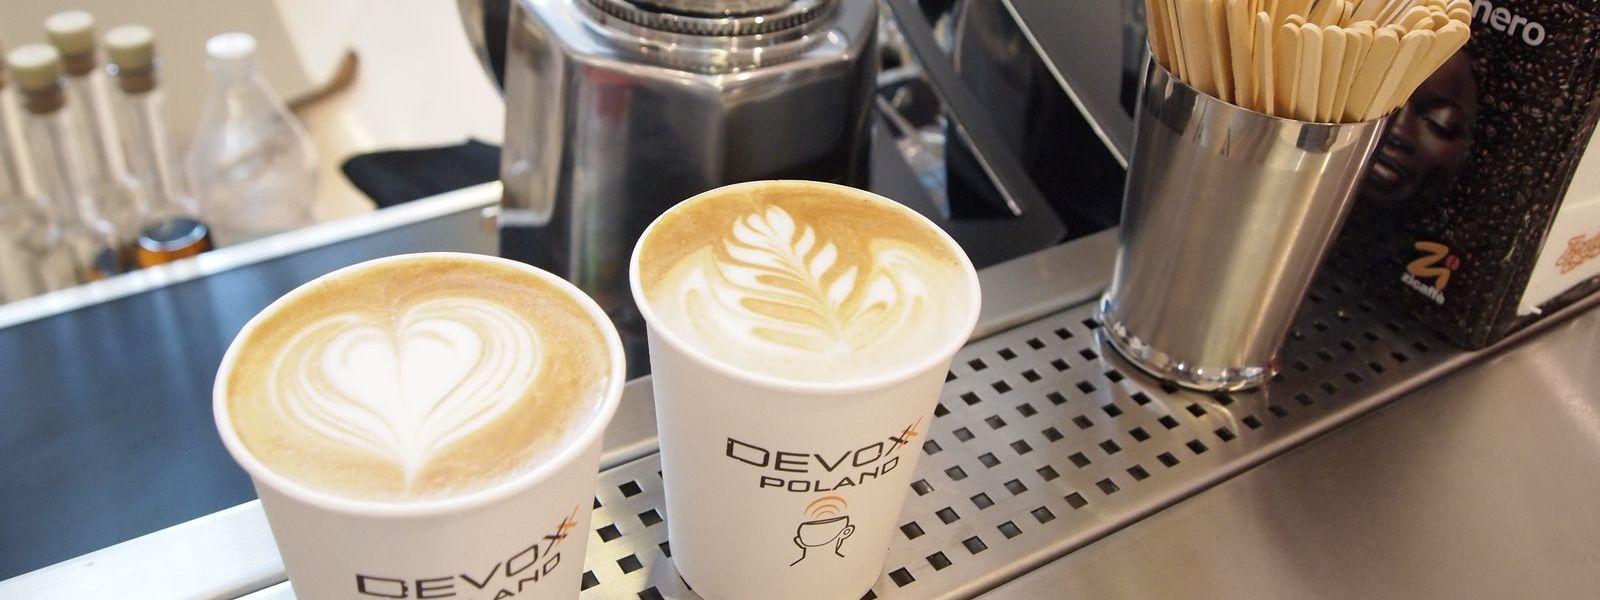 Pyszna kawa dla uczestników eventów